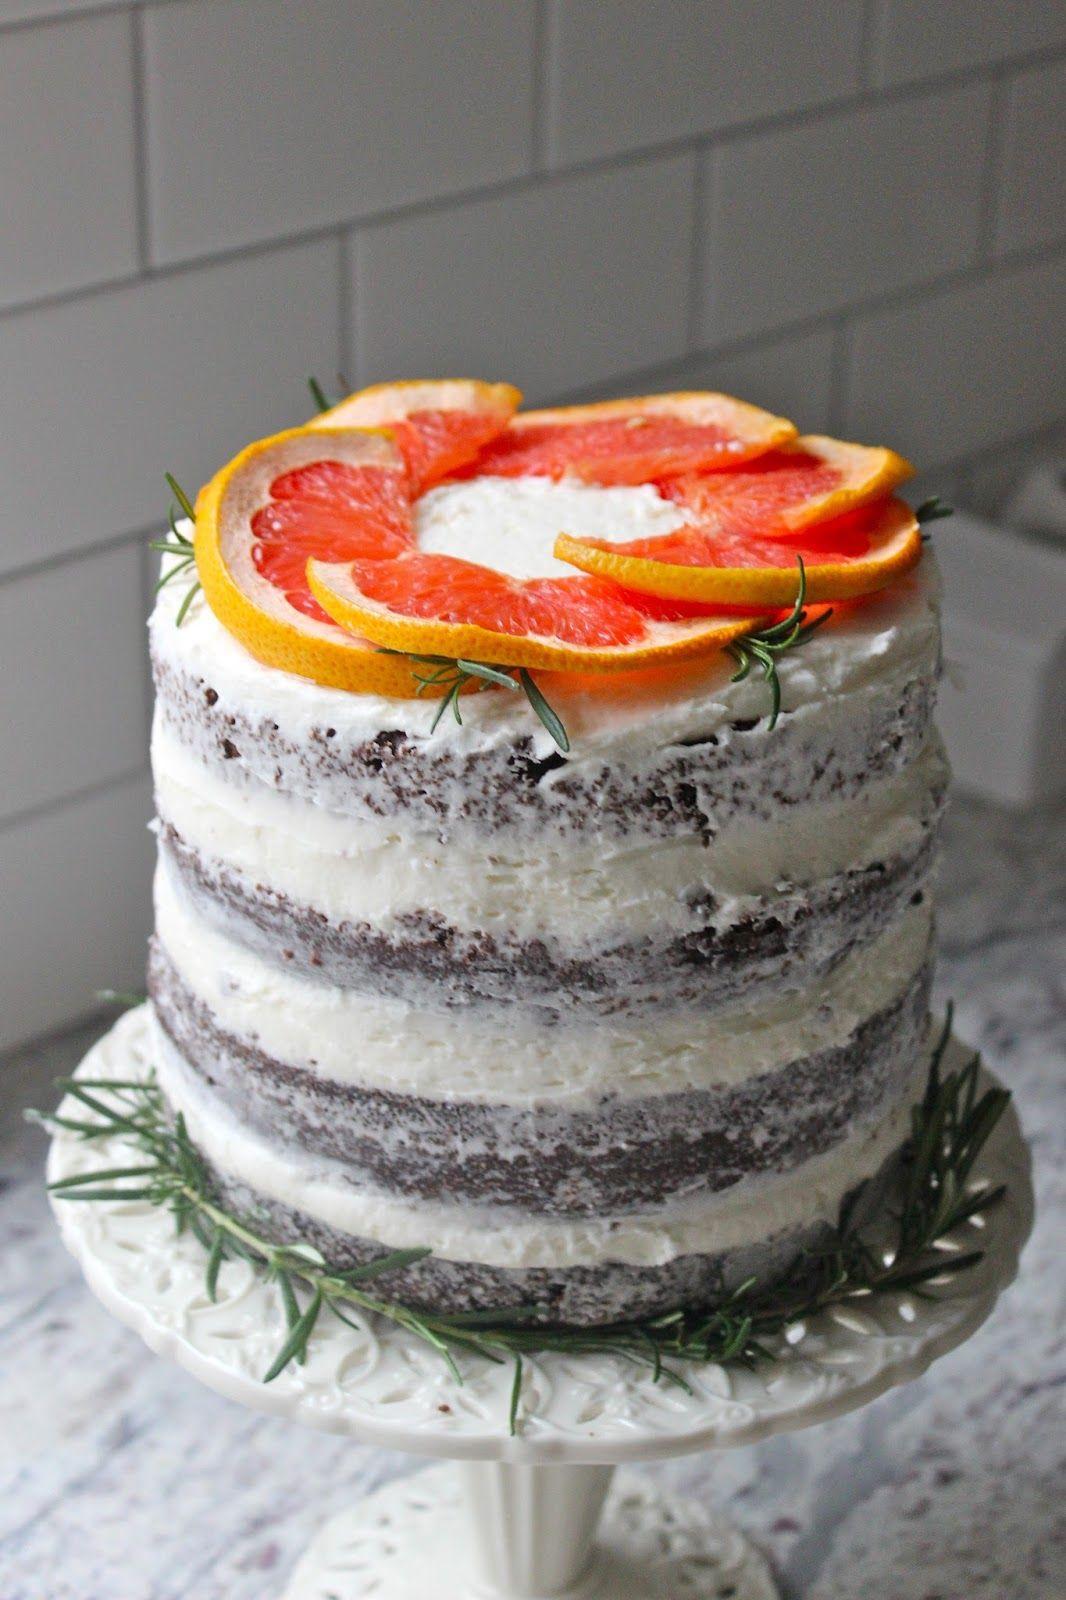 Rosemary and Grapefruit Chocolate Cake